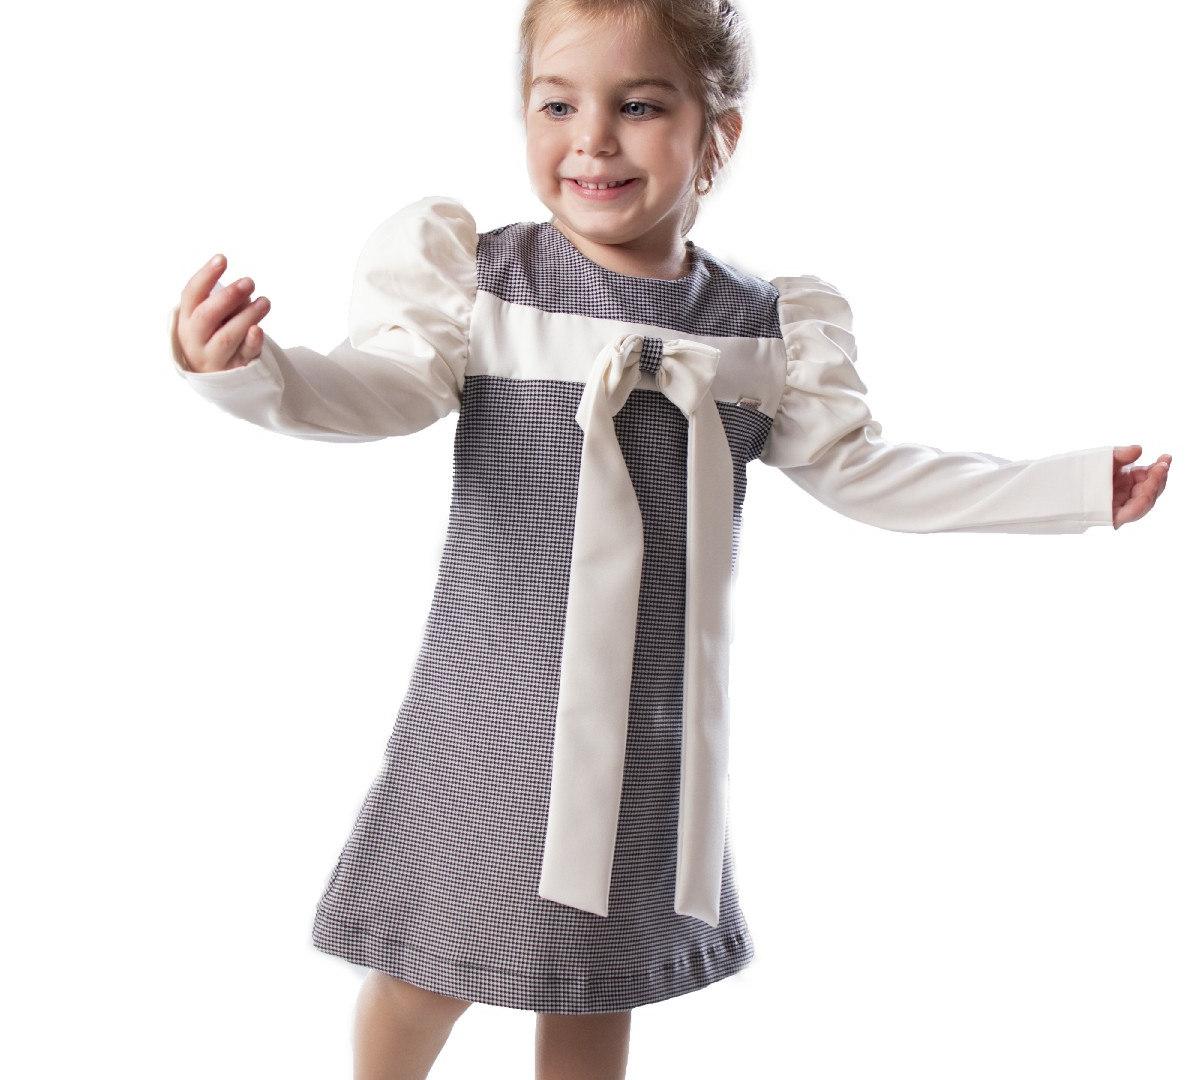 שמלת איזבלה  malaya | מאליה אופנת ילדים